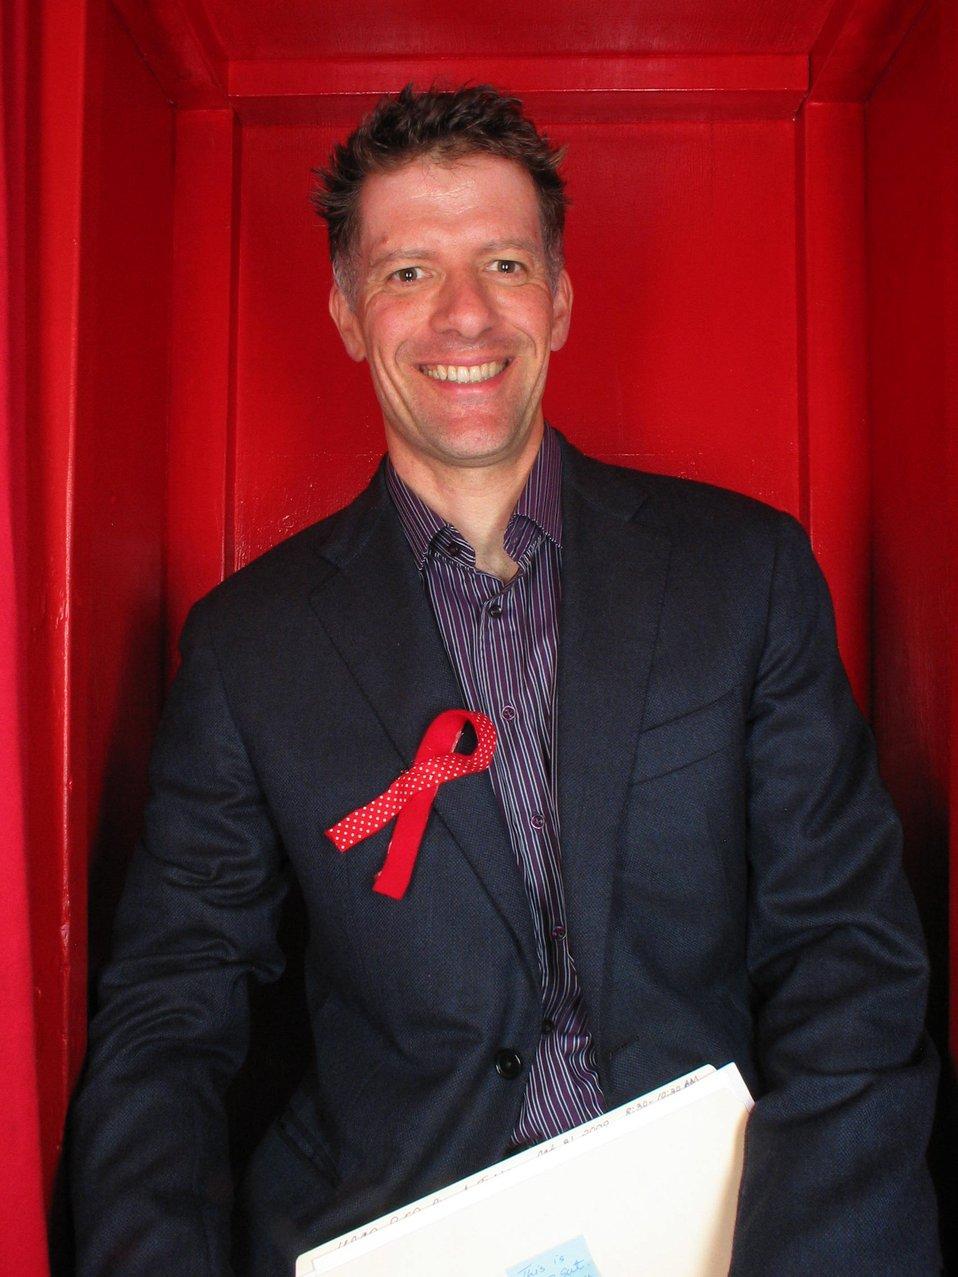 Facing AIDS